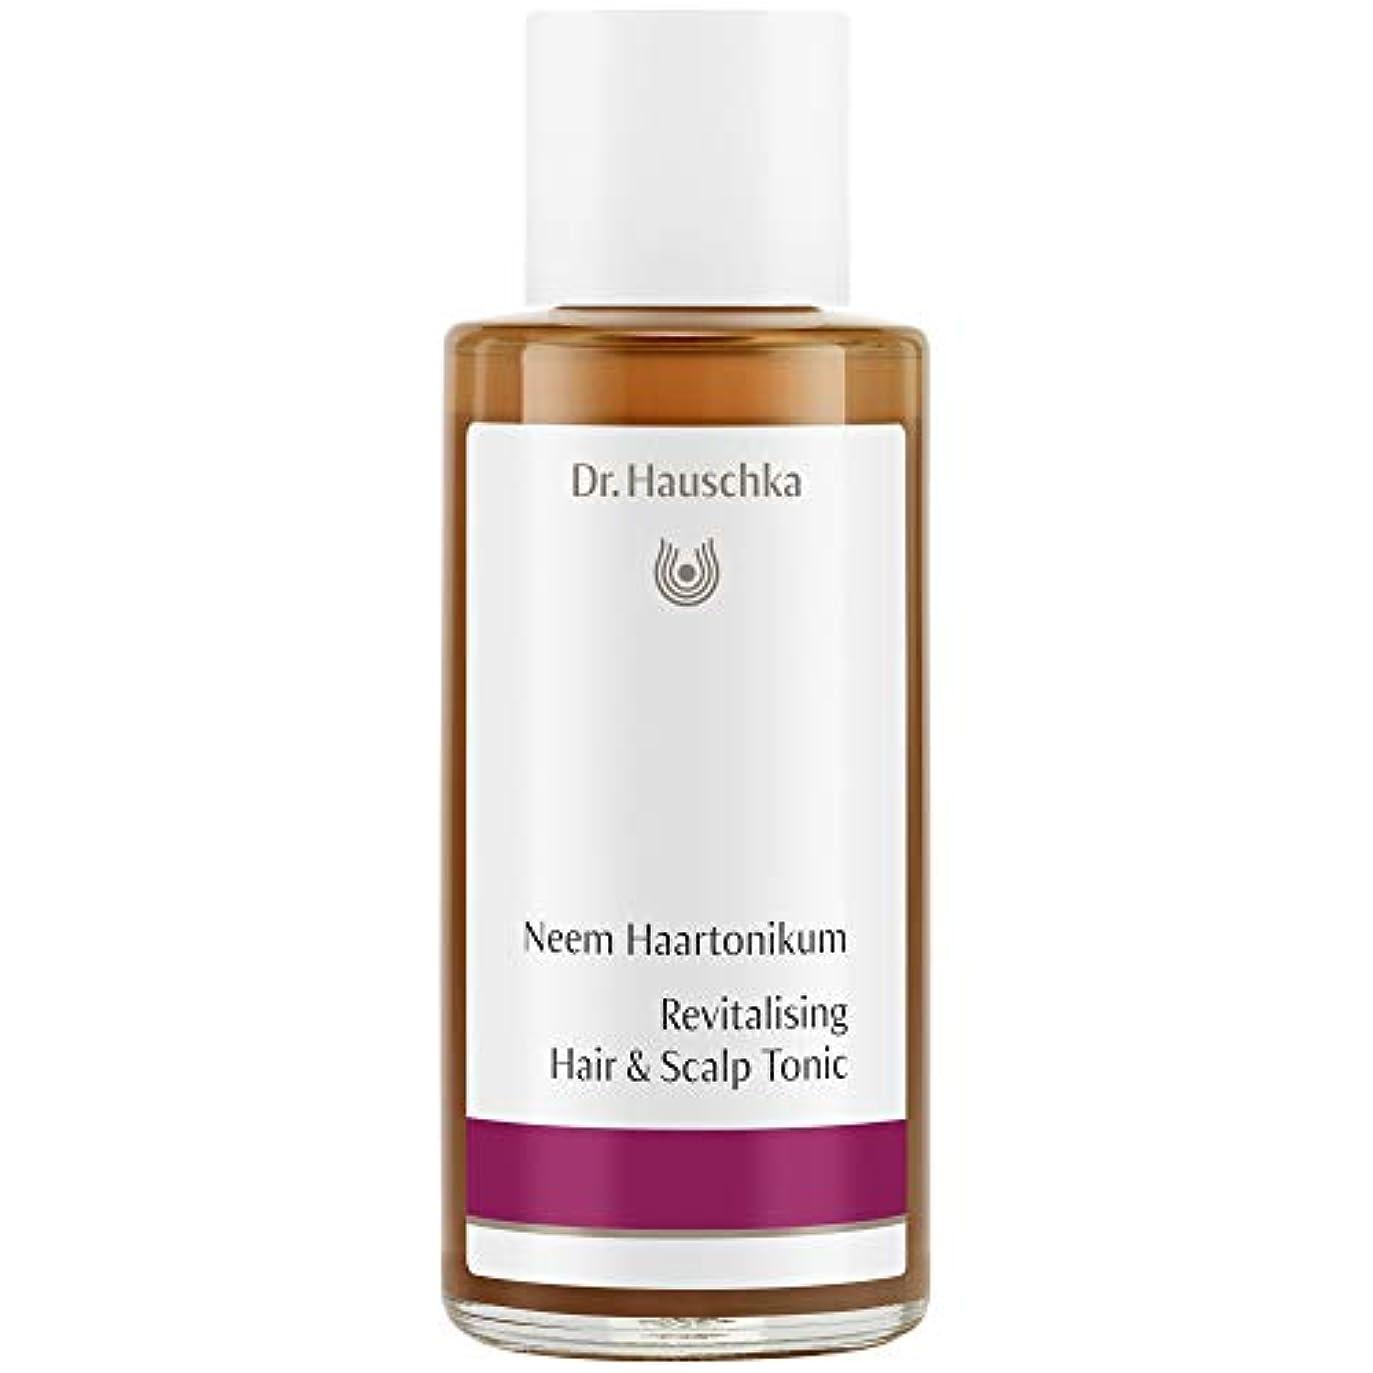 思い出させる銅送る[Dr Hauschka] Drハウシュカニームヘアローション100ミリリットル - Dr Hauschka Neem Hair Lotion 100ml [並行輸入品]